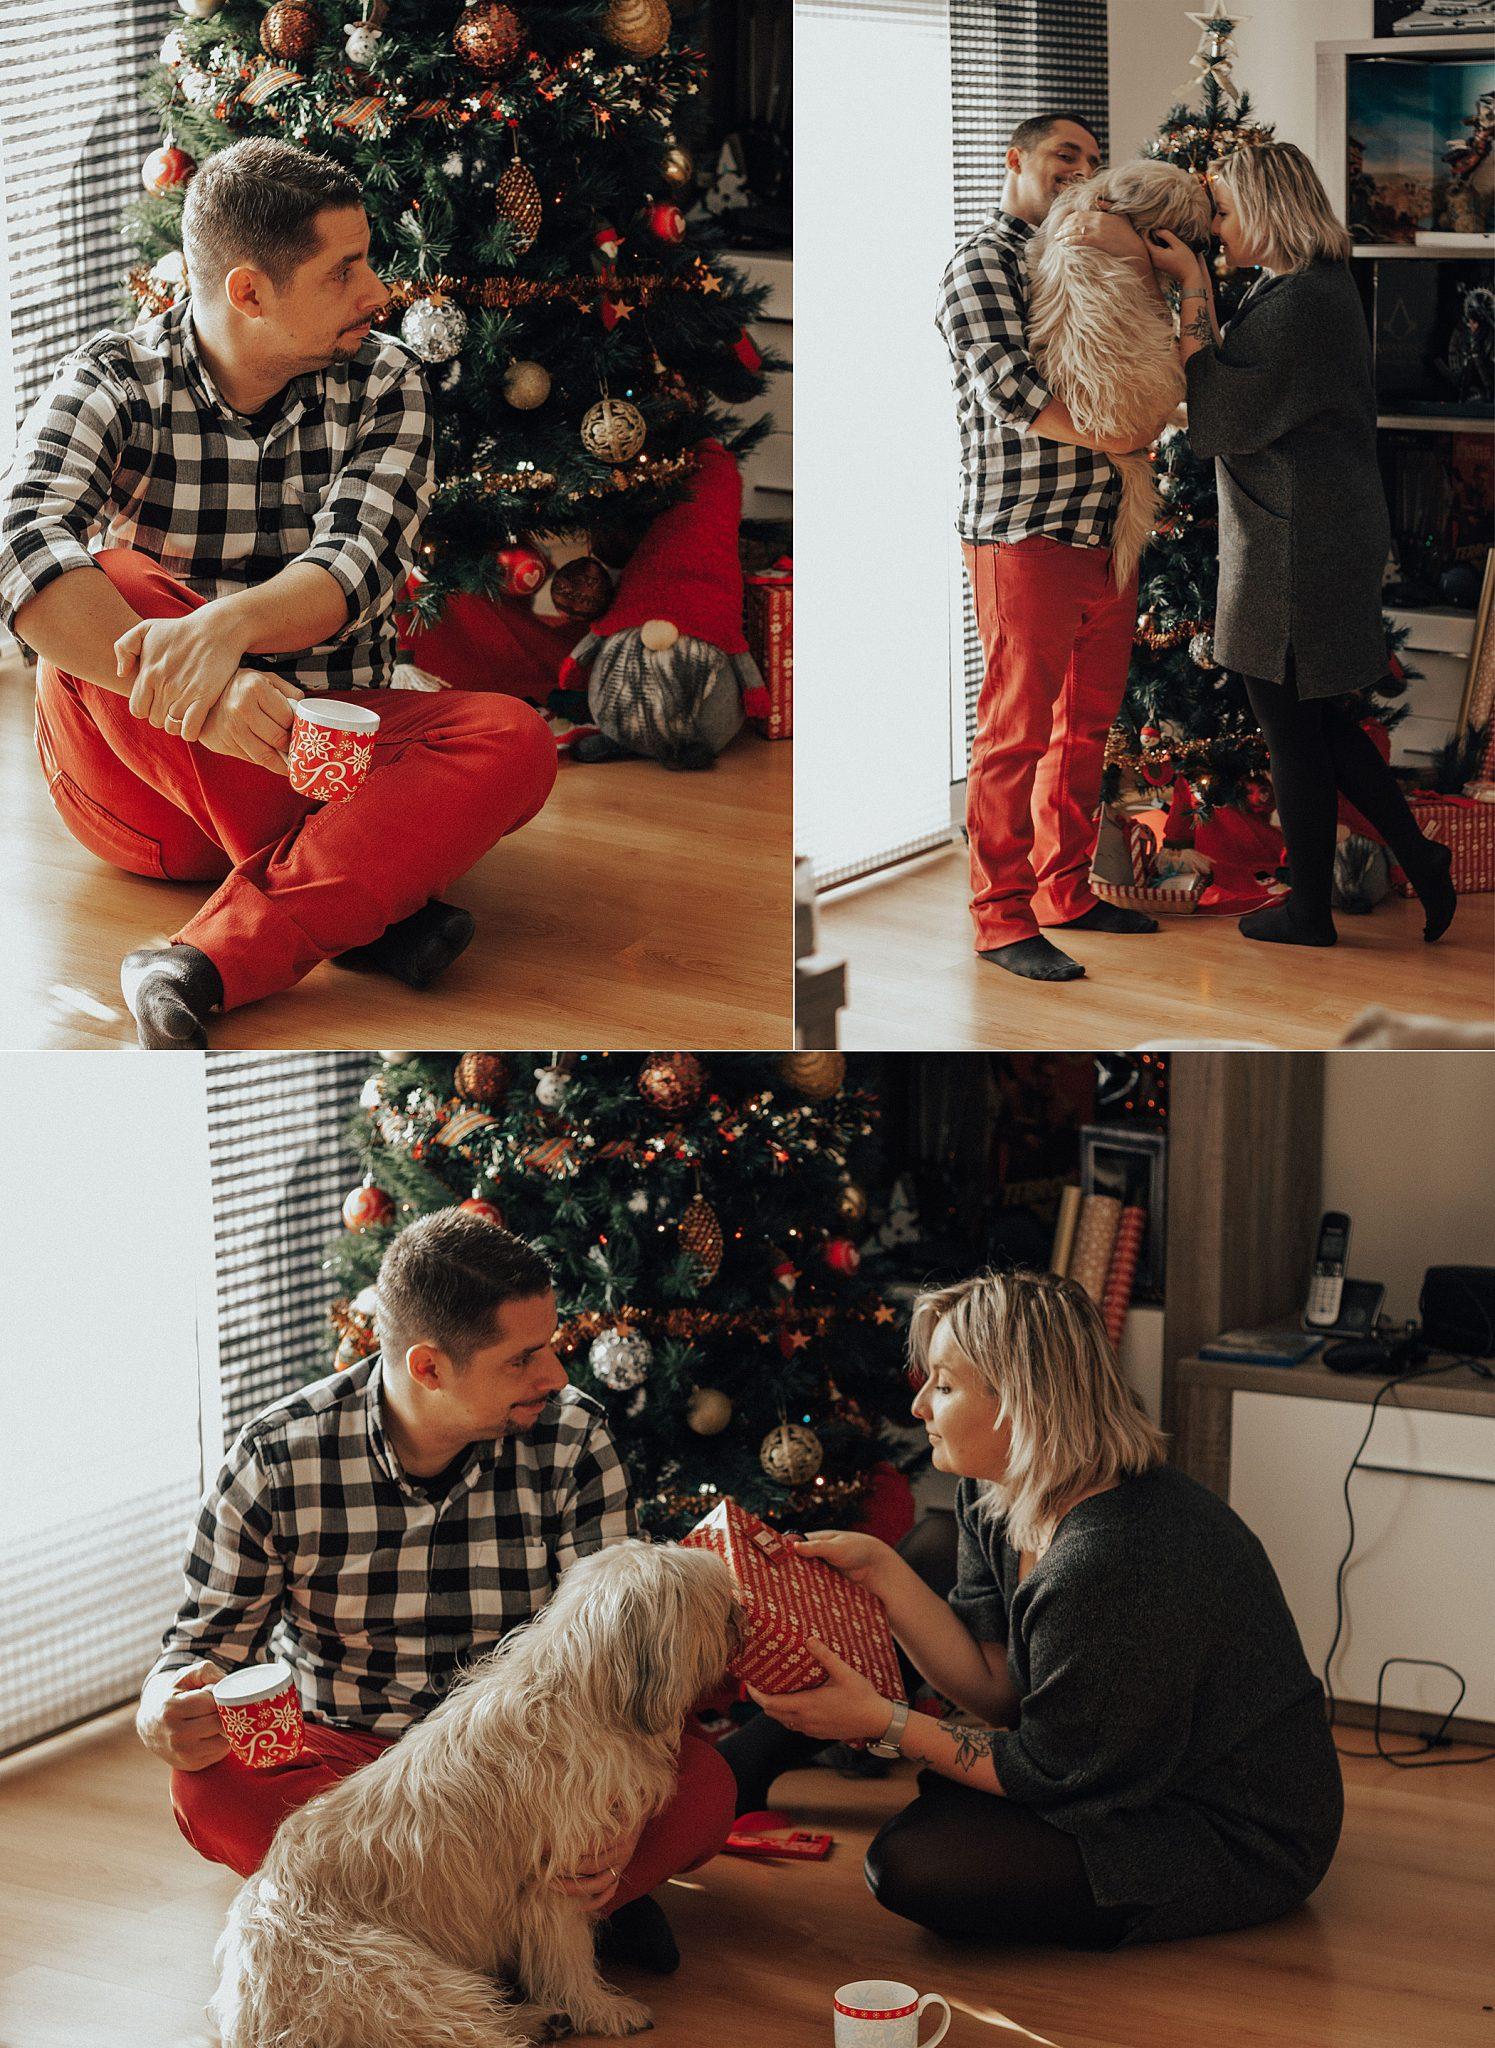 Christmas time3